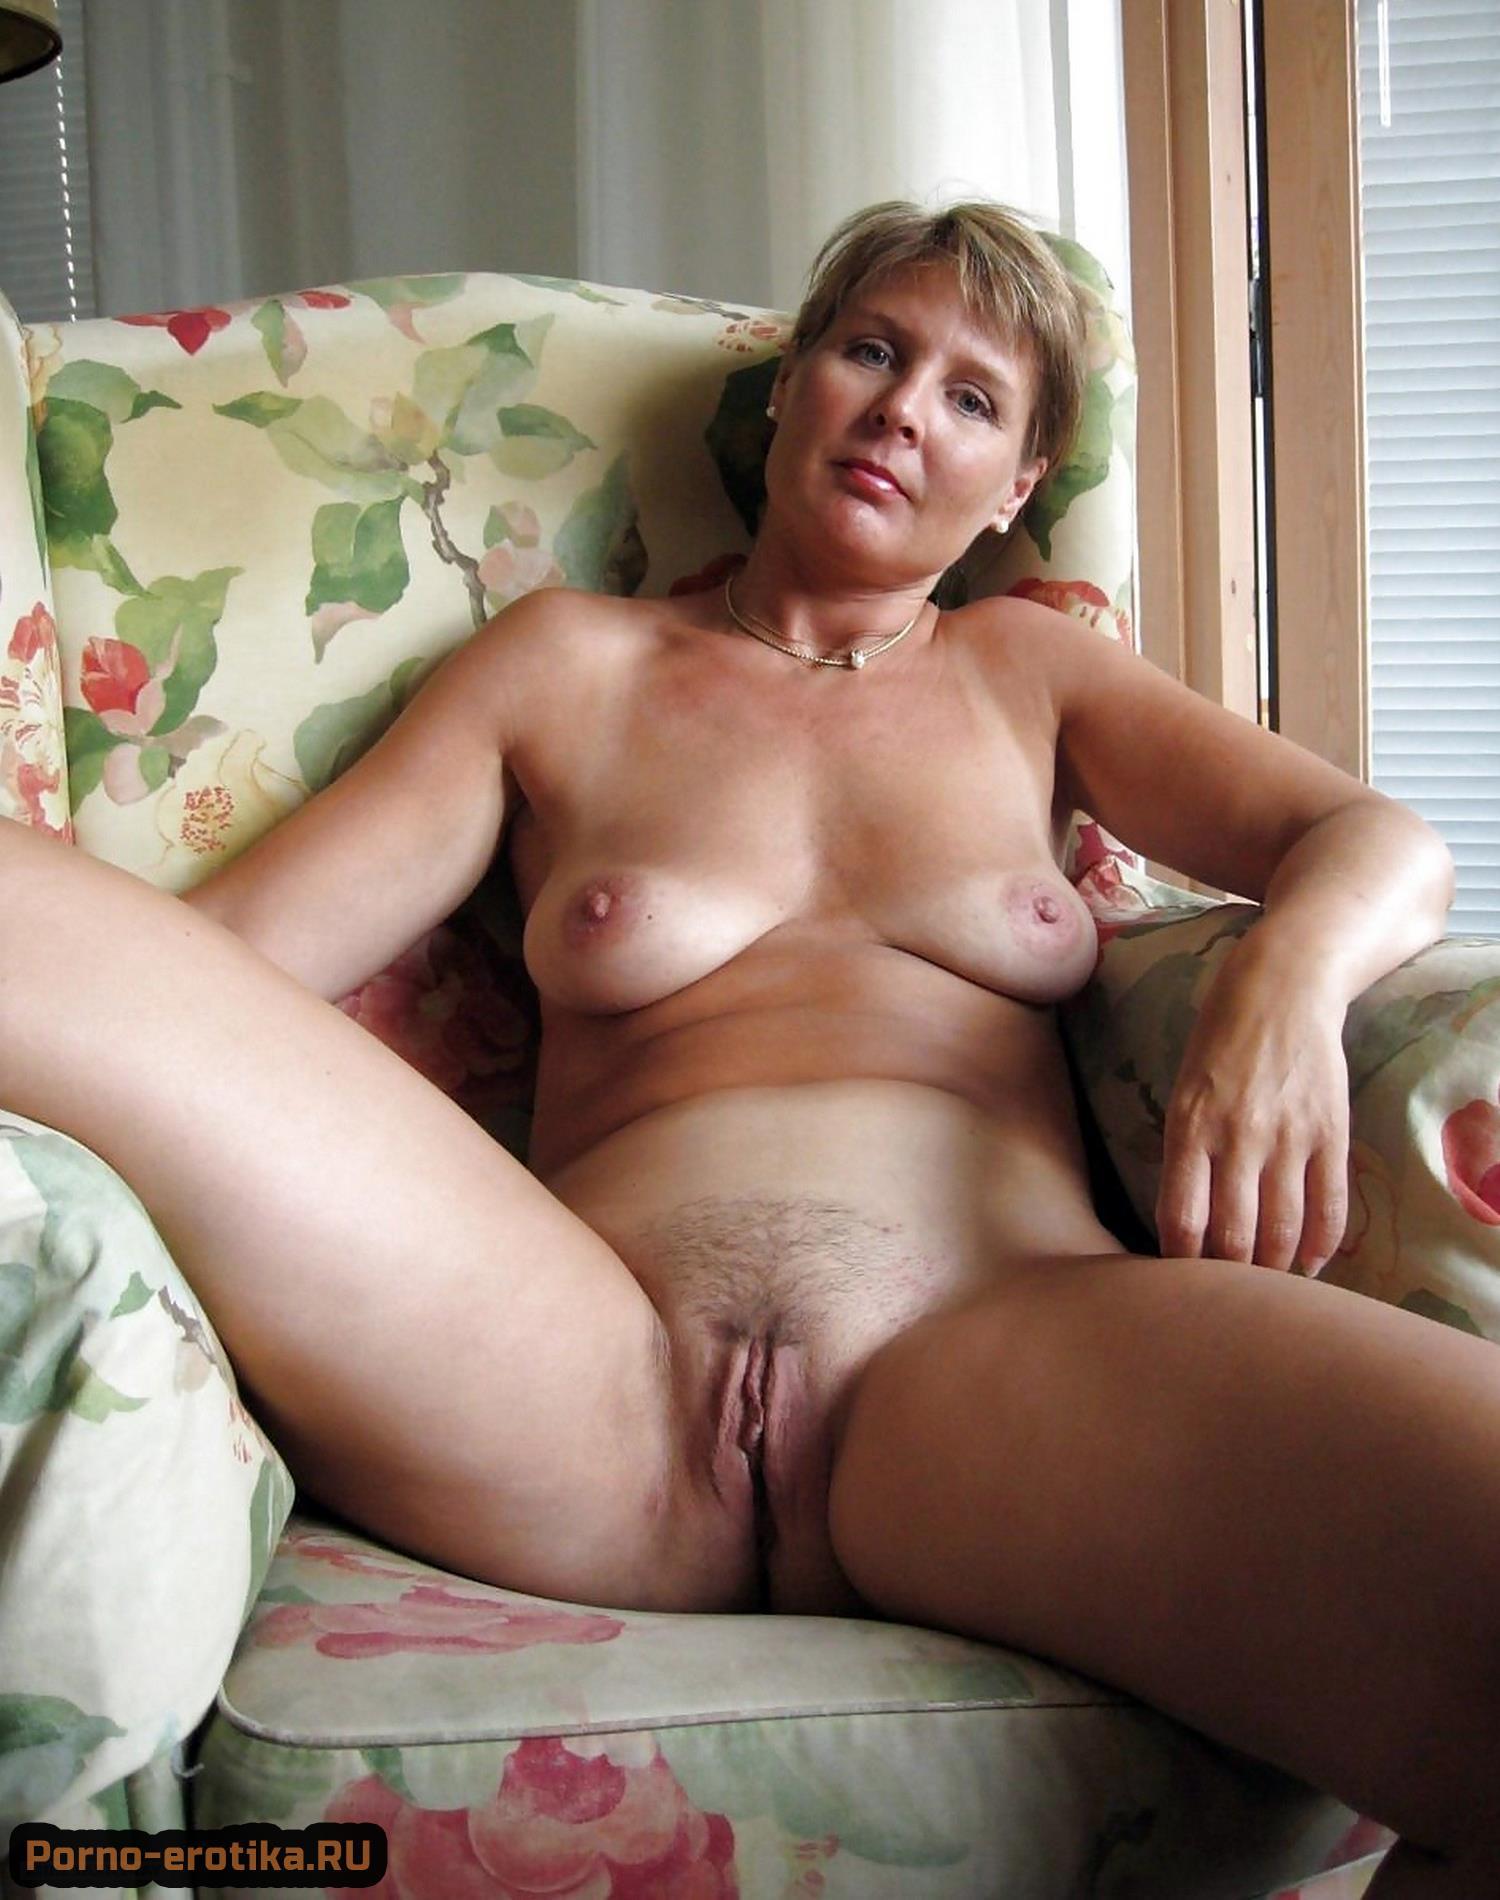 Домашнее Фото Голых Взрослых Женщин